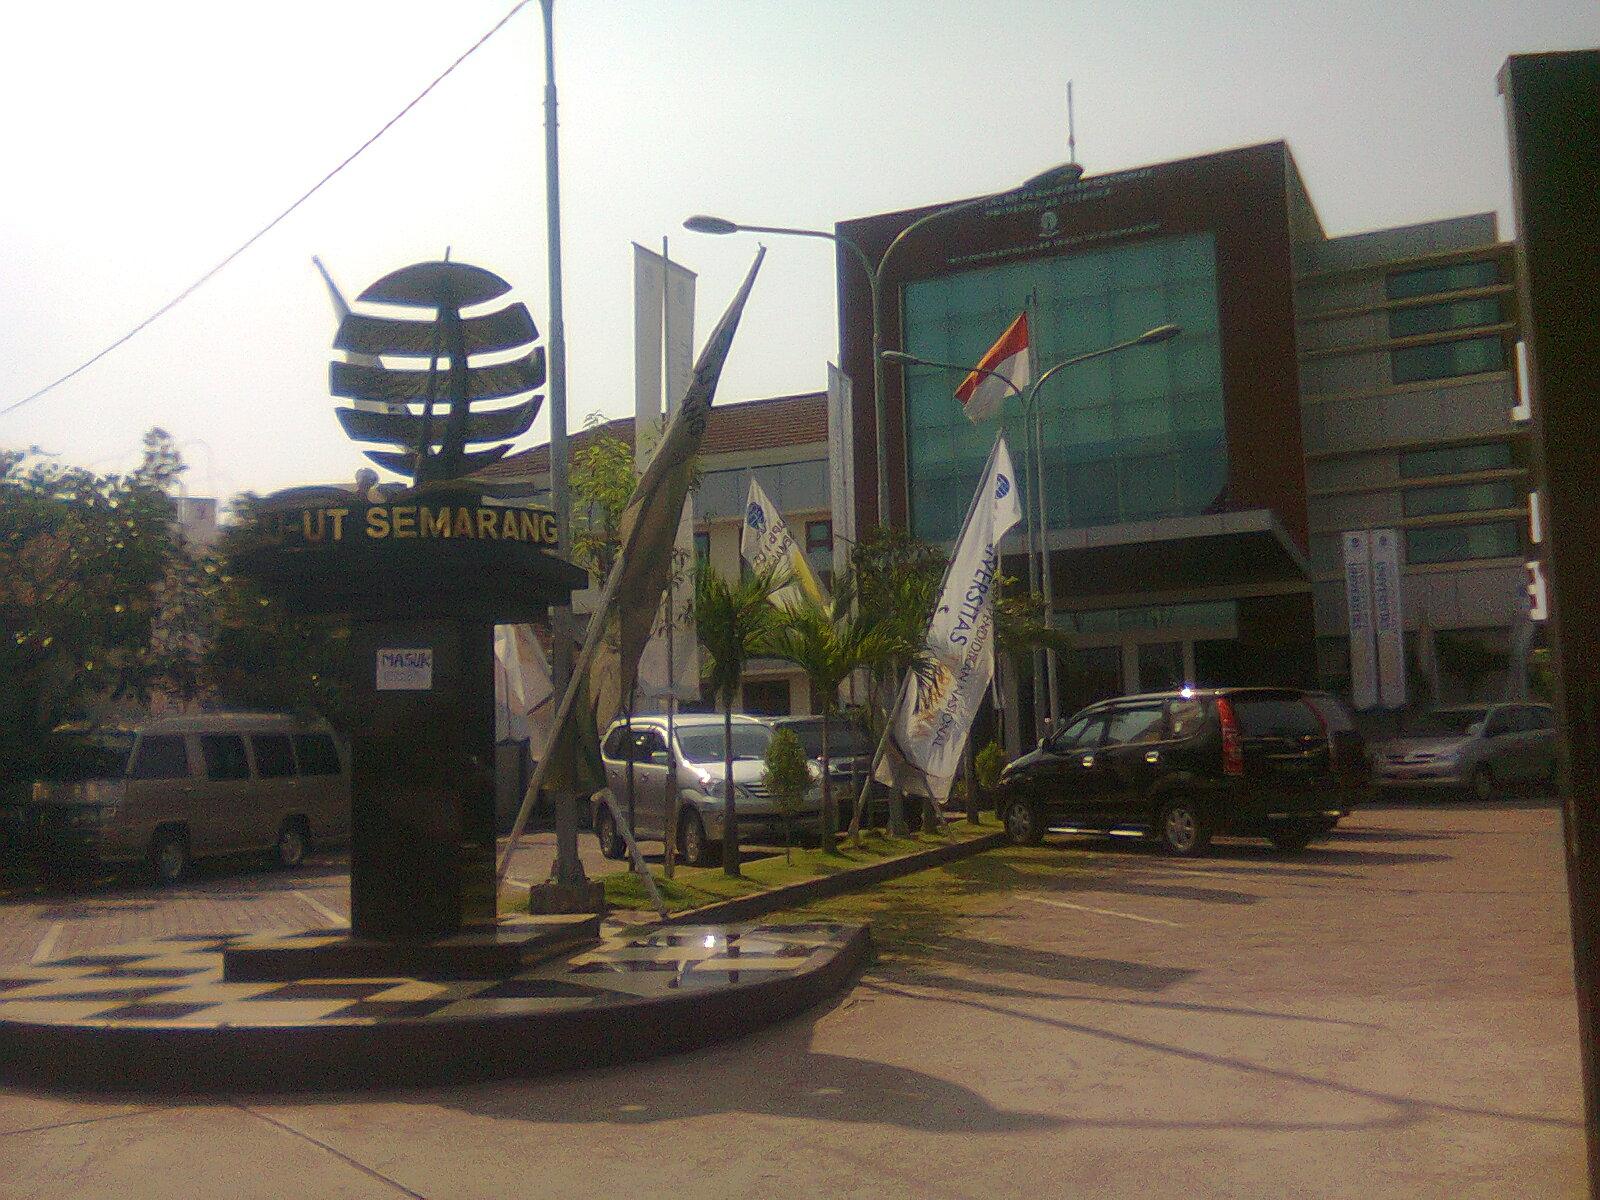 http://4.bp.blogspot.com/-9jBexEKFvFI/TfCKy44d9II/AAAAAAAAAFs/h0dMqsIp6ks/s1600/UT+Semarang.jpg